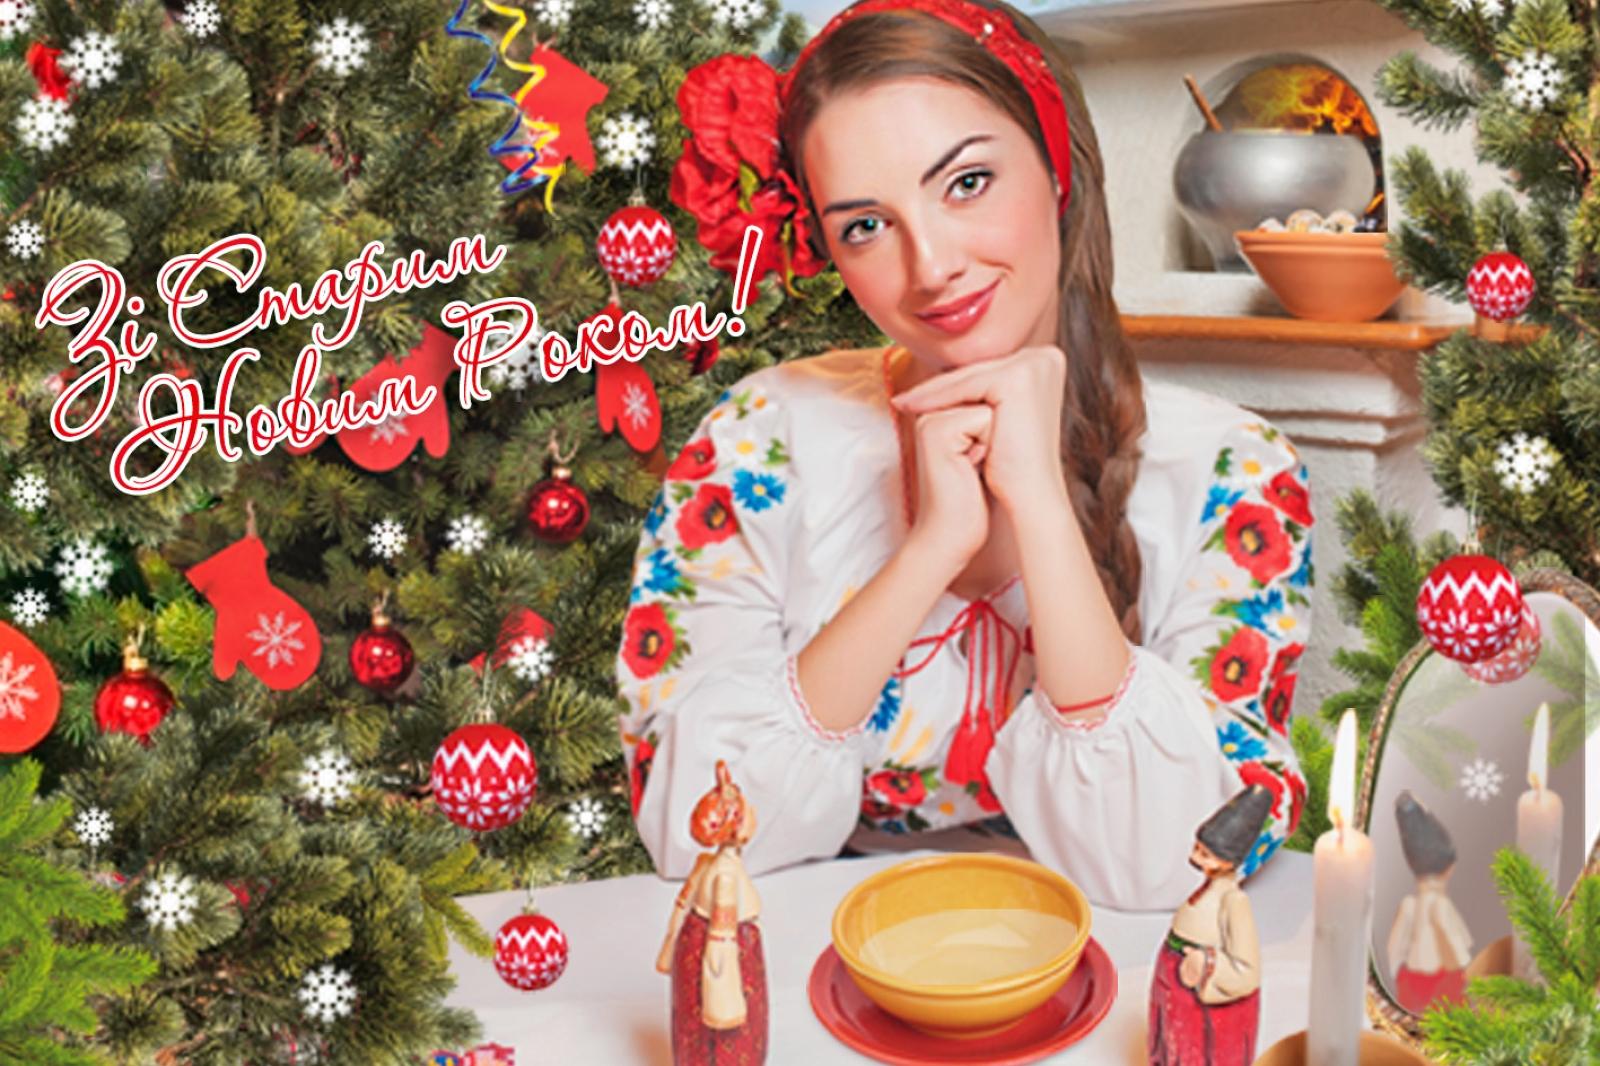 Картинка с новым годом на украинском языке, смешной